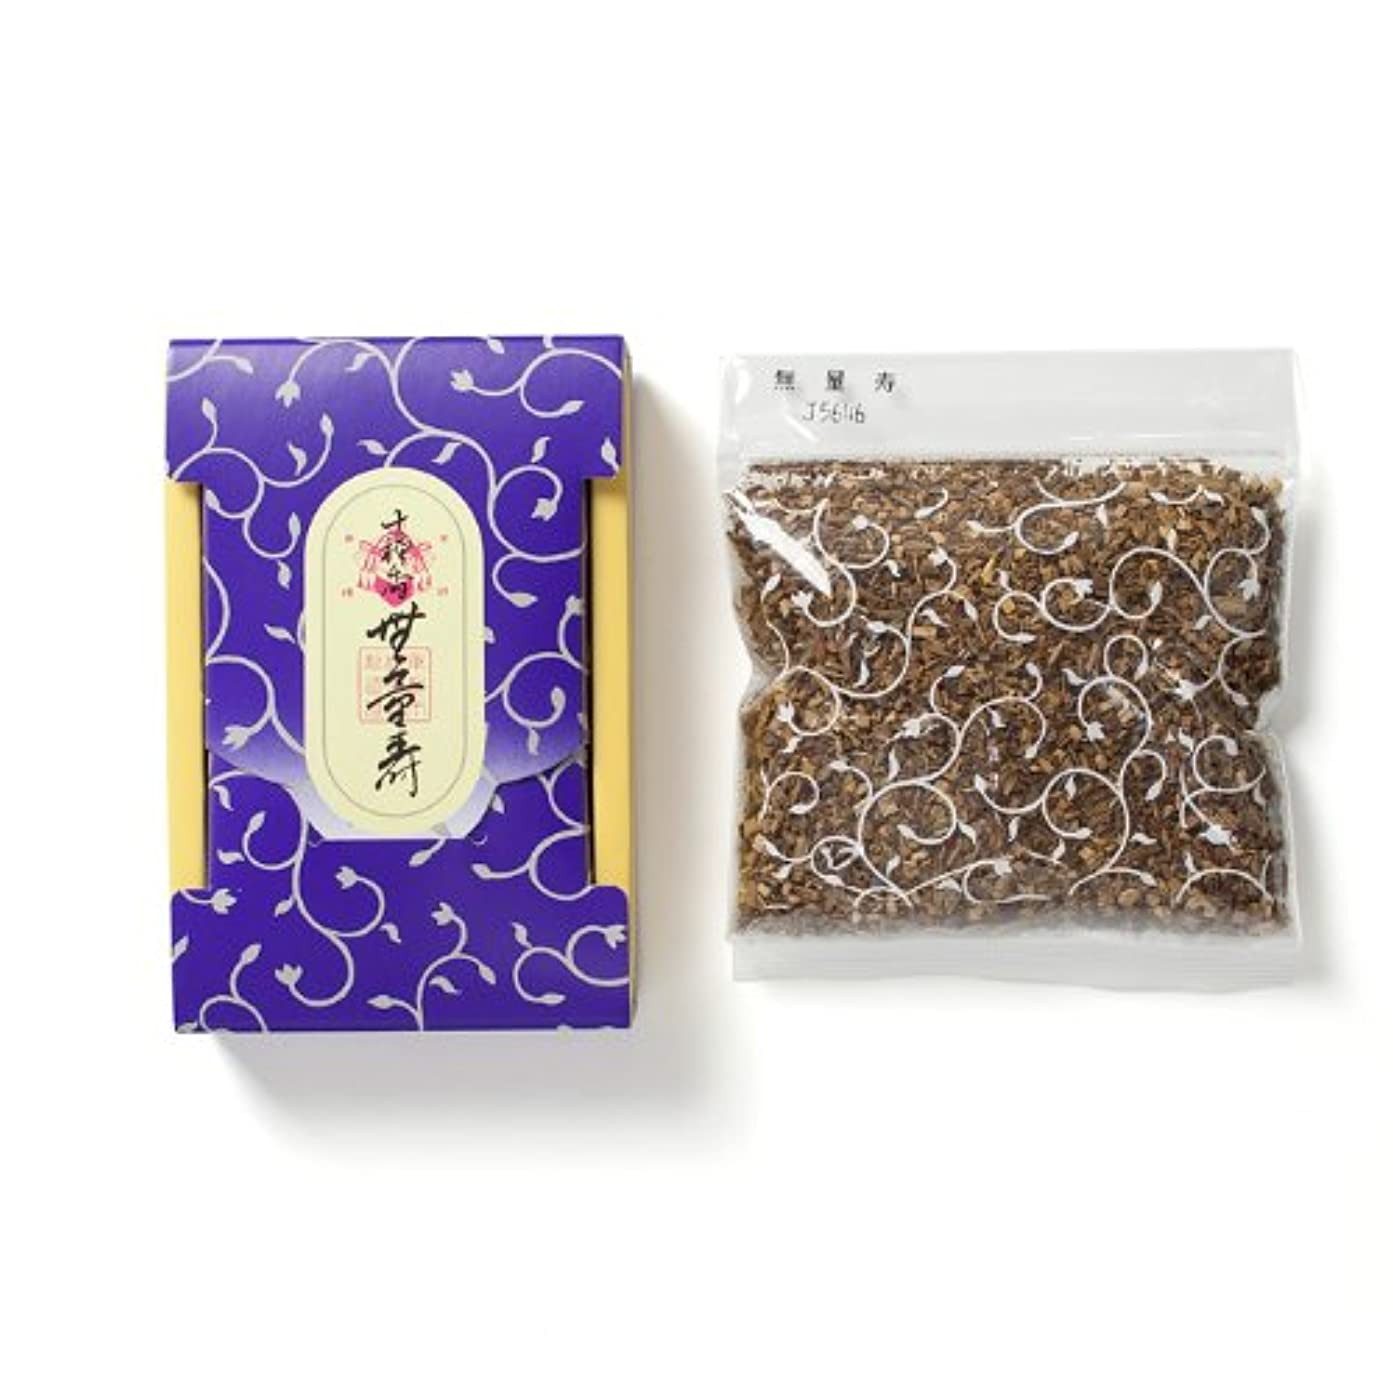 荒れ地サドルぼかす松栄堂のお焼香 十種香 無量寿 25g詰 小箱入 #410841